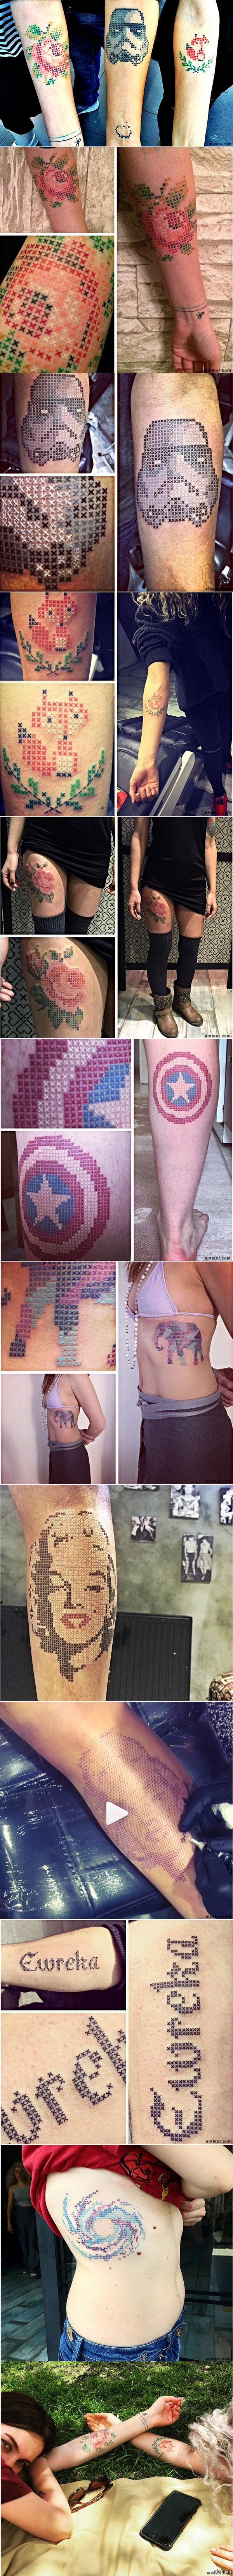 """Новомодные тату: """"Вышитые крестиком"""" Тату-мастер из Анкары Ева Крбдк предложила выполнять татуировки в виде нанесения рисунков крестиком, имитируя вышивку. Многим такая идея пришлась по вкусу."""